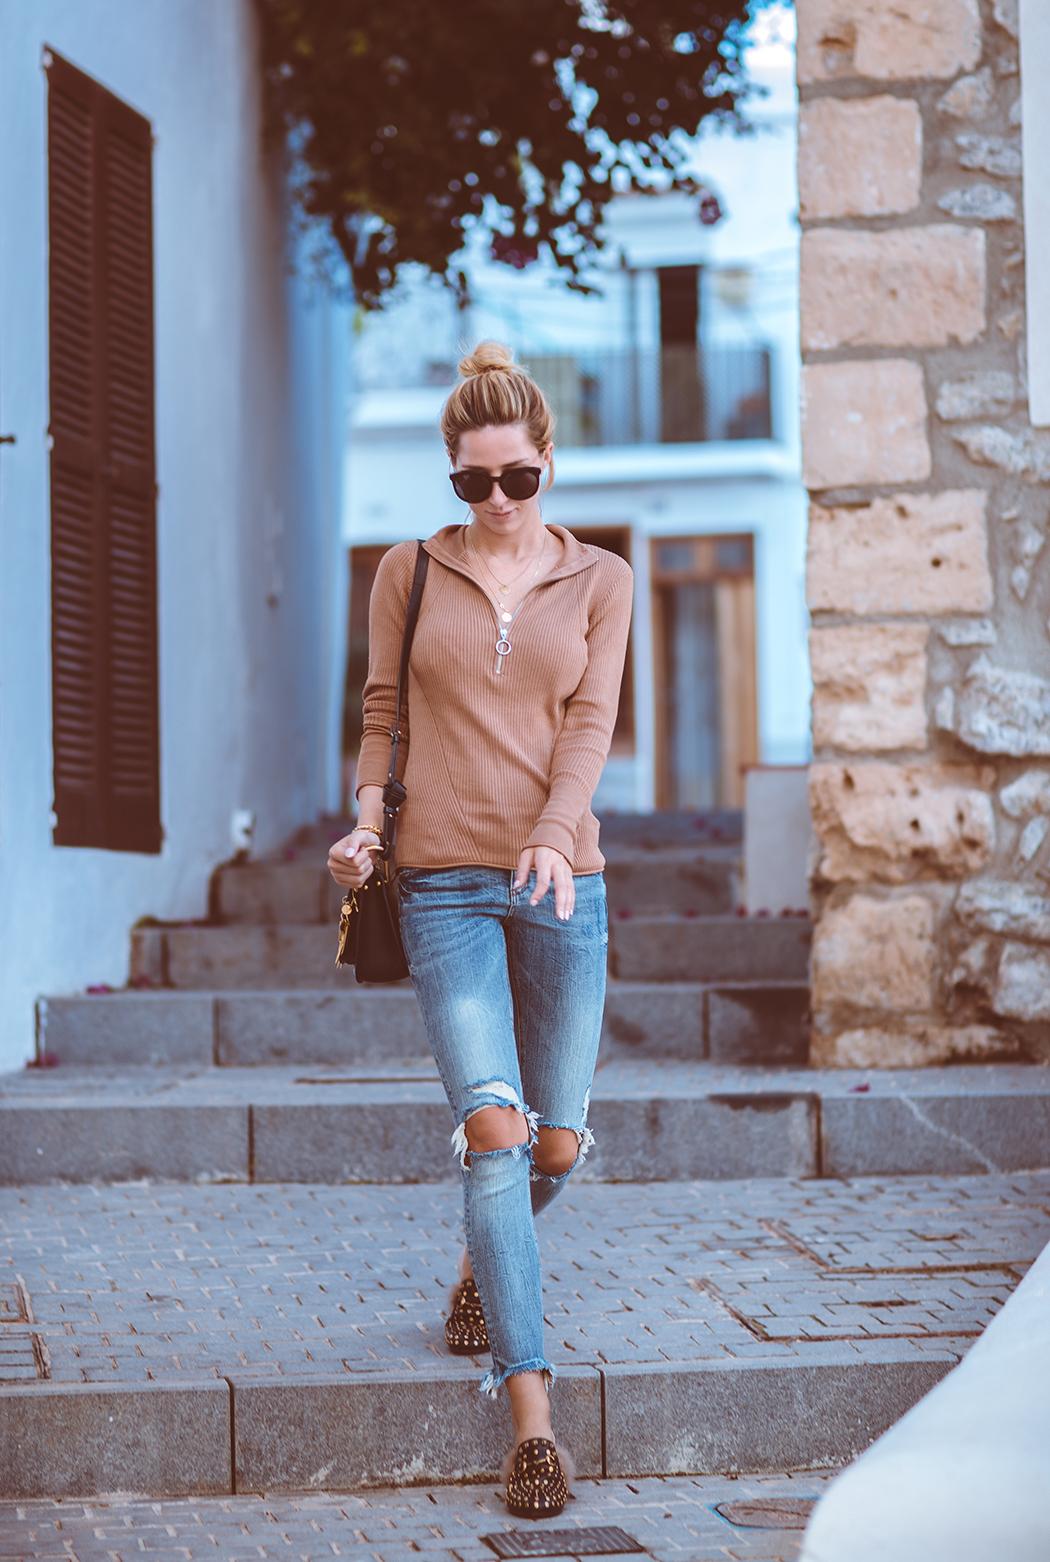 fashionblog-fashionblogger-fashion-blog-blogger-gucci-mules-chloe-hudson-lindarella-5